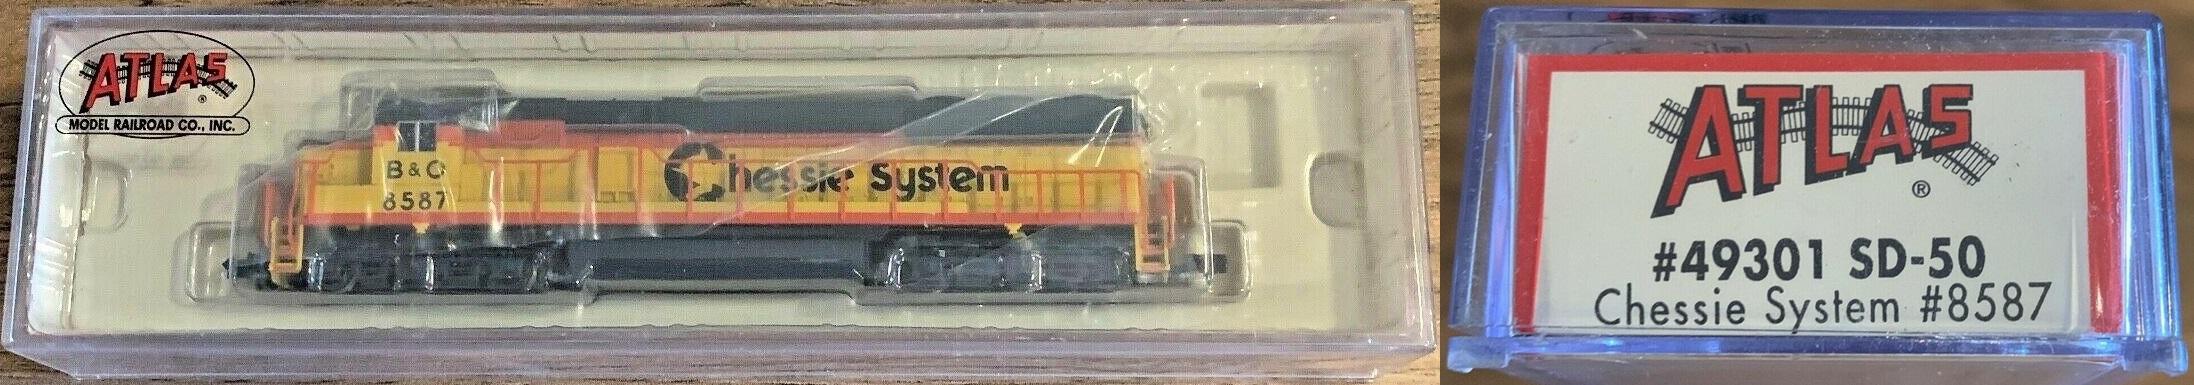 N Scale - Atlas - 49301 - Locomotive, Diesel, EMD SD50 - Chessie System - 8587